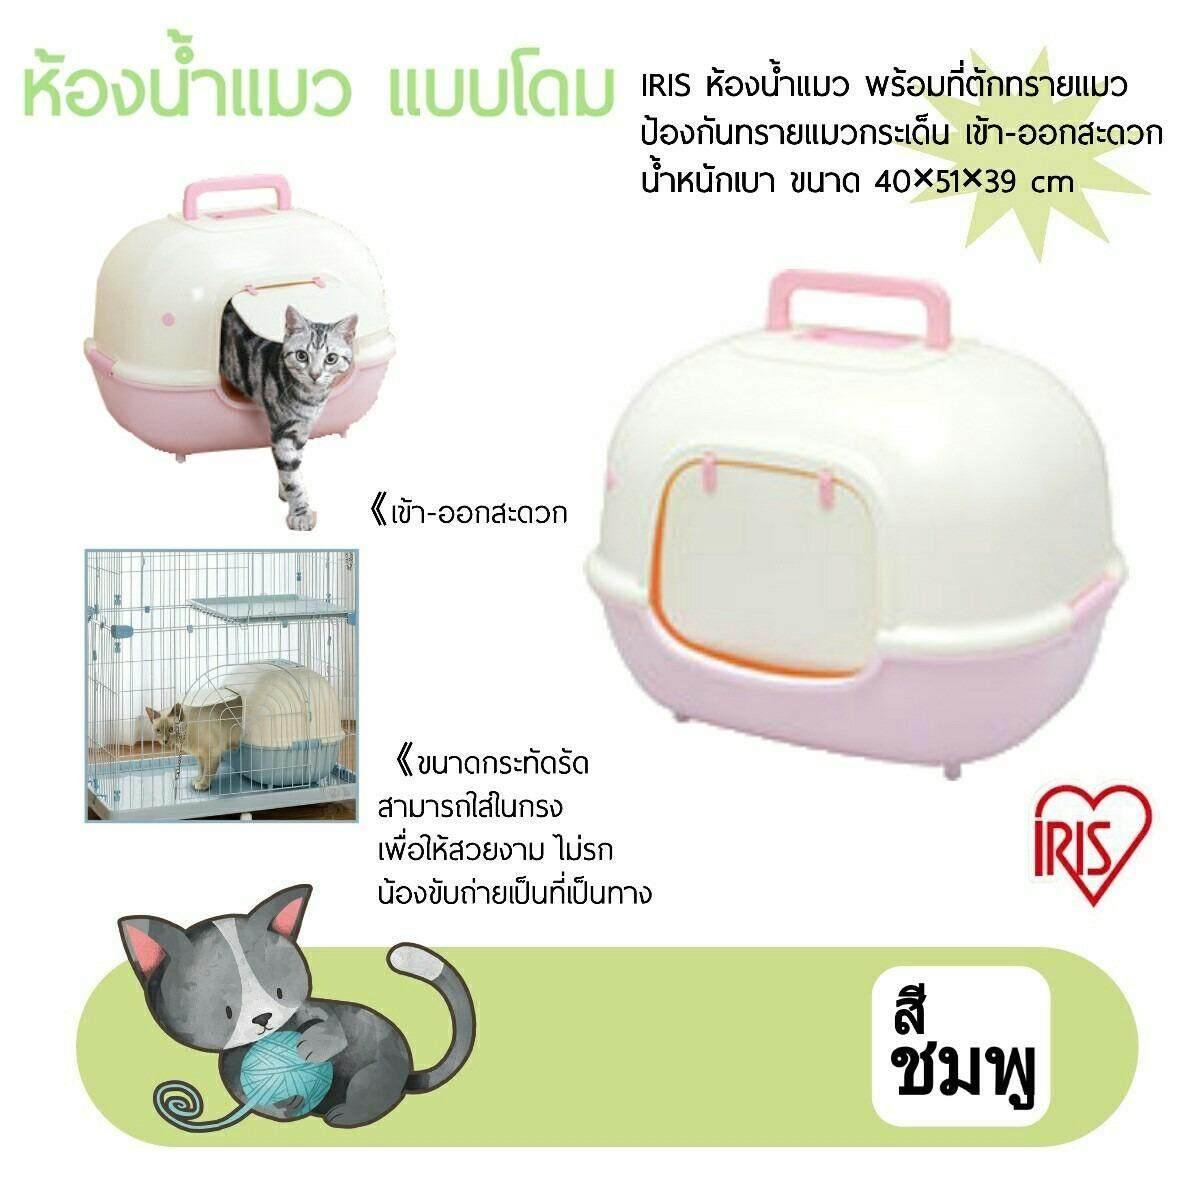 ขาย ซื้อ ออนไลน์ ห้องน้ำแมว โดมห้องน้ำแมว Iris สีชมพู ขนาด 40X51X39 Cm